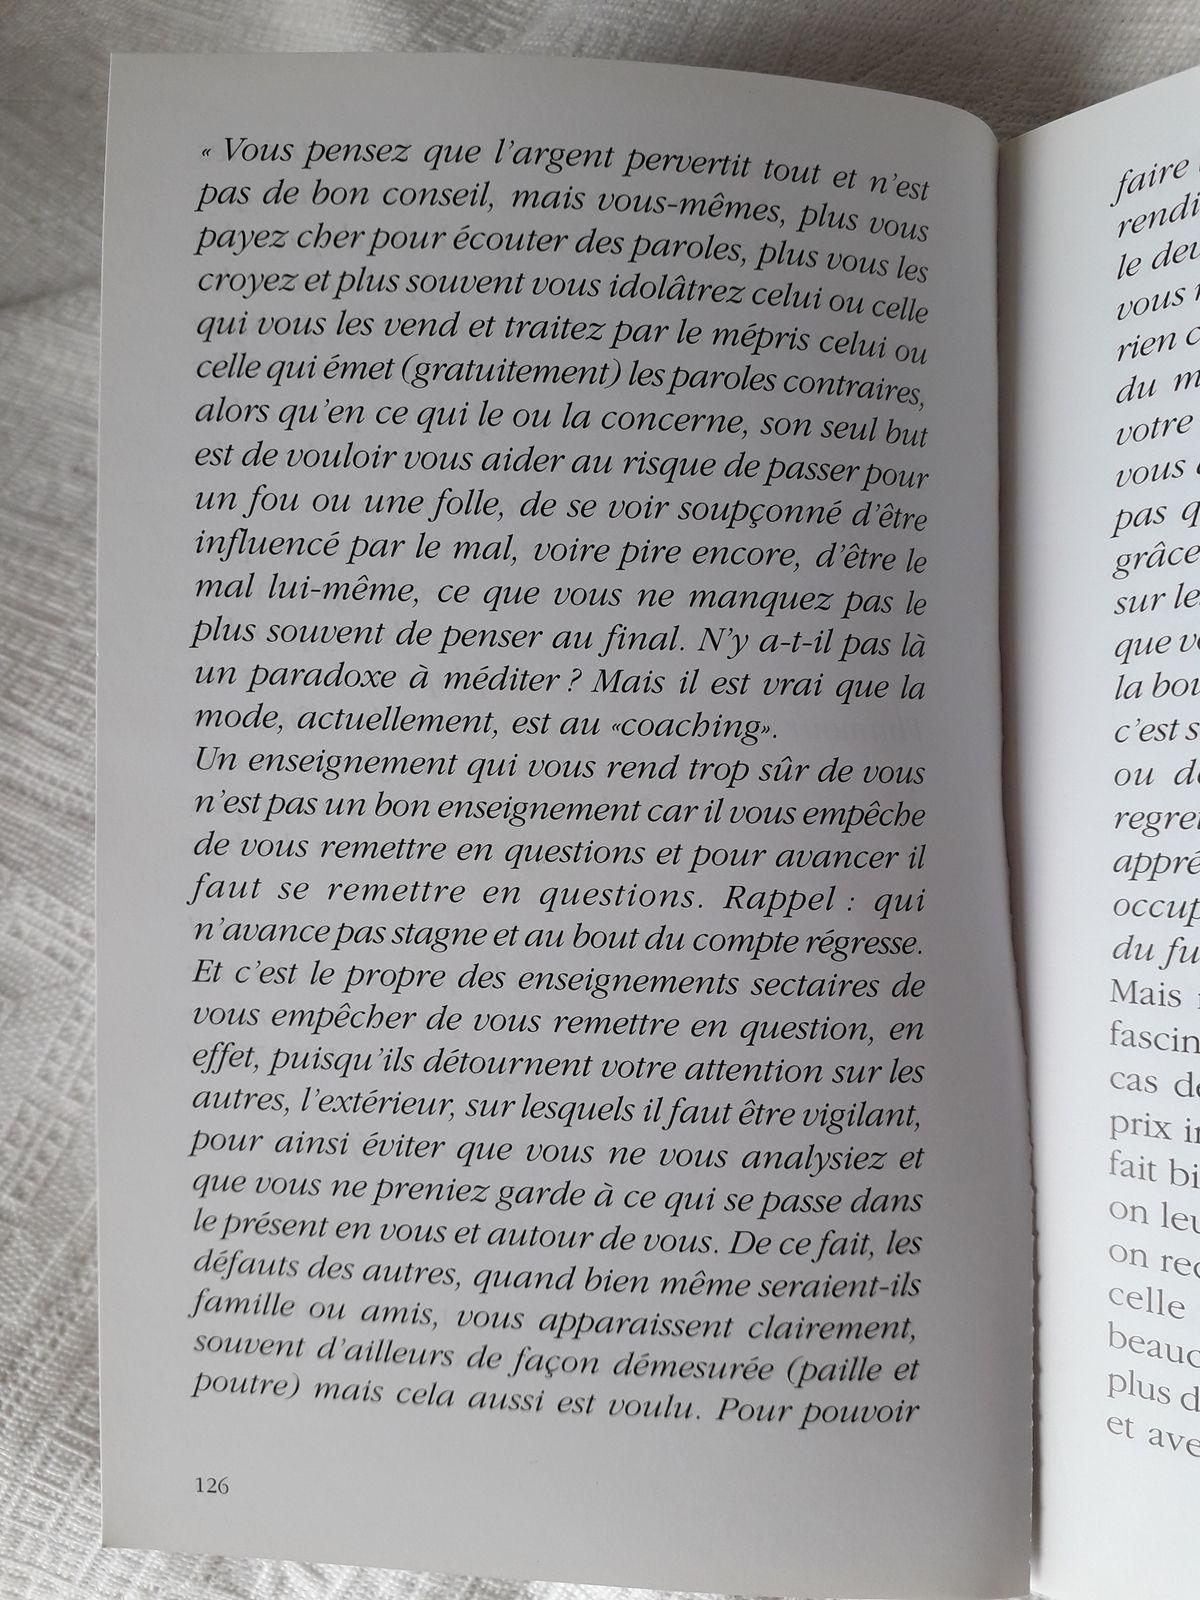 Suite Pluie de Poussières d'Etoiles, page 126 à 129